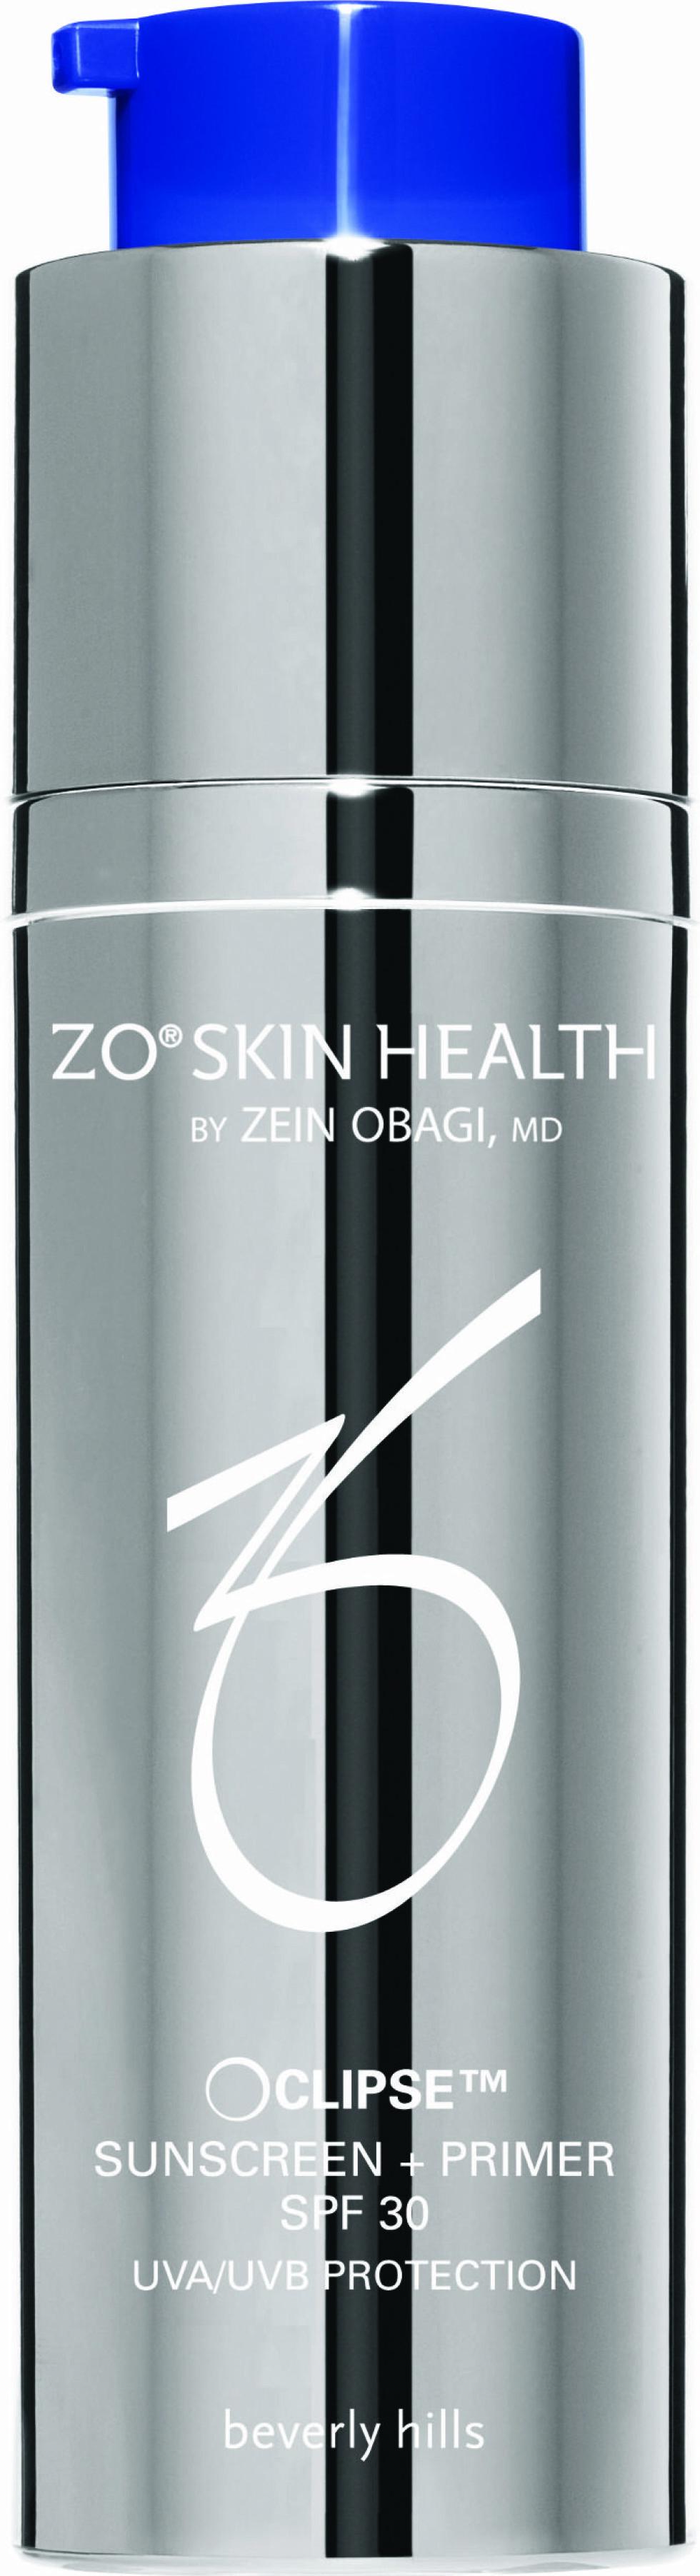 Oclipse Sunscreen + Primer fra ZO Skin Health, SPF 30, kr 850. Foto: Produsenten